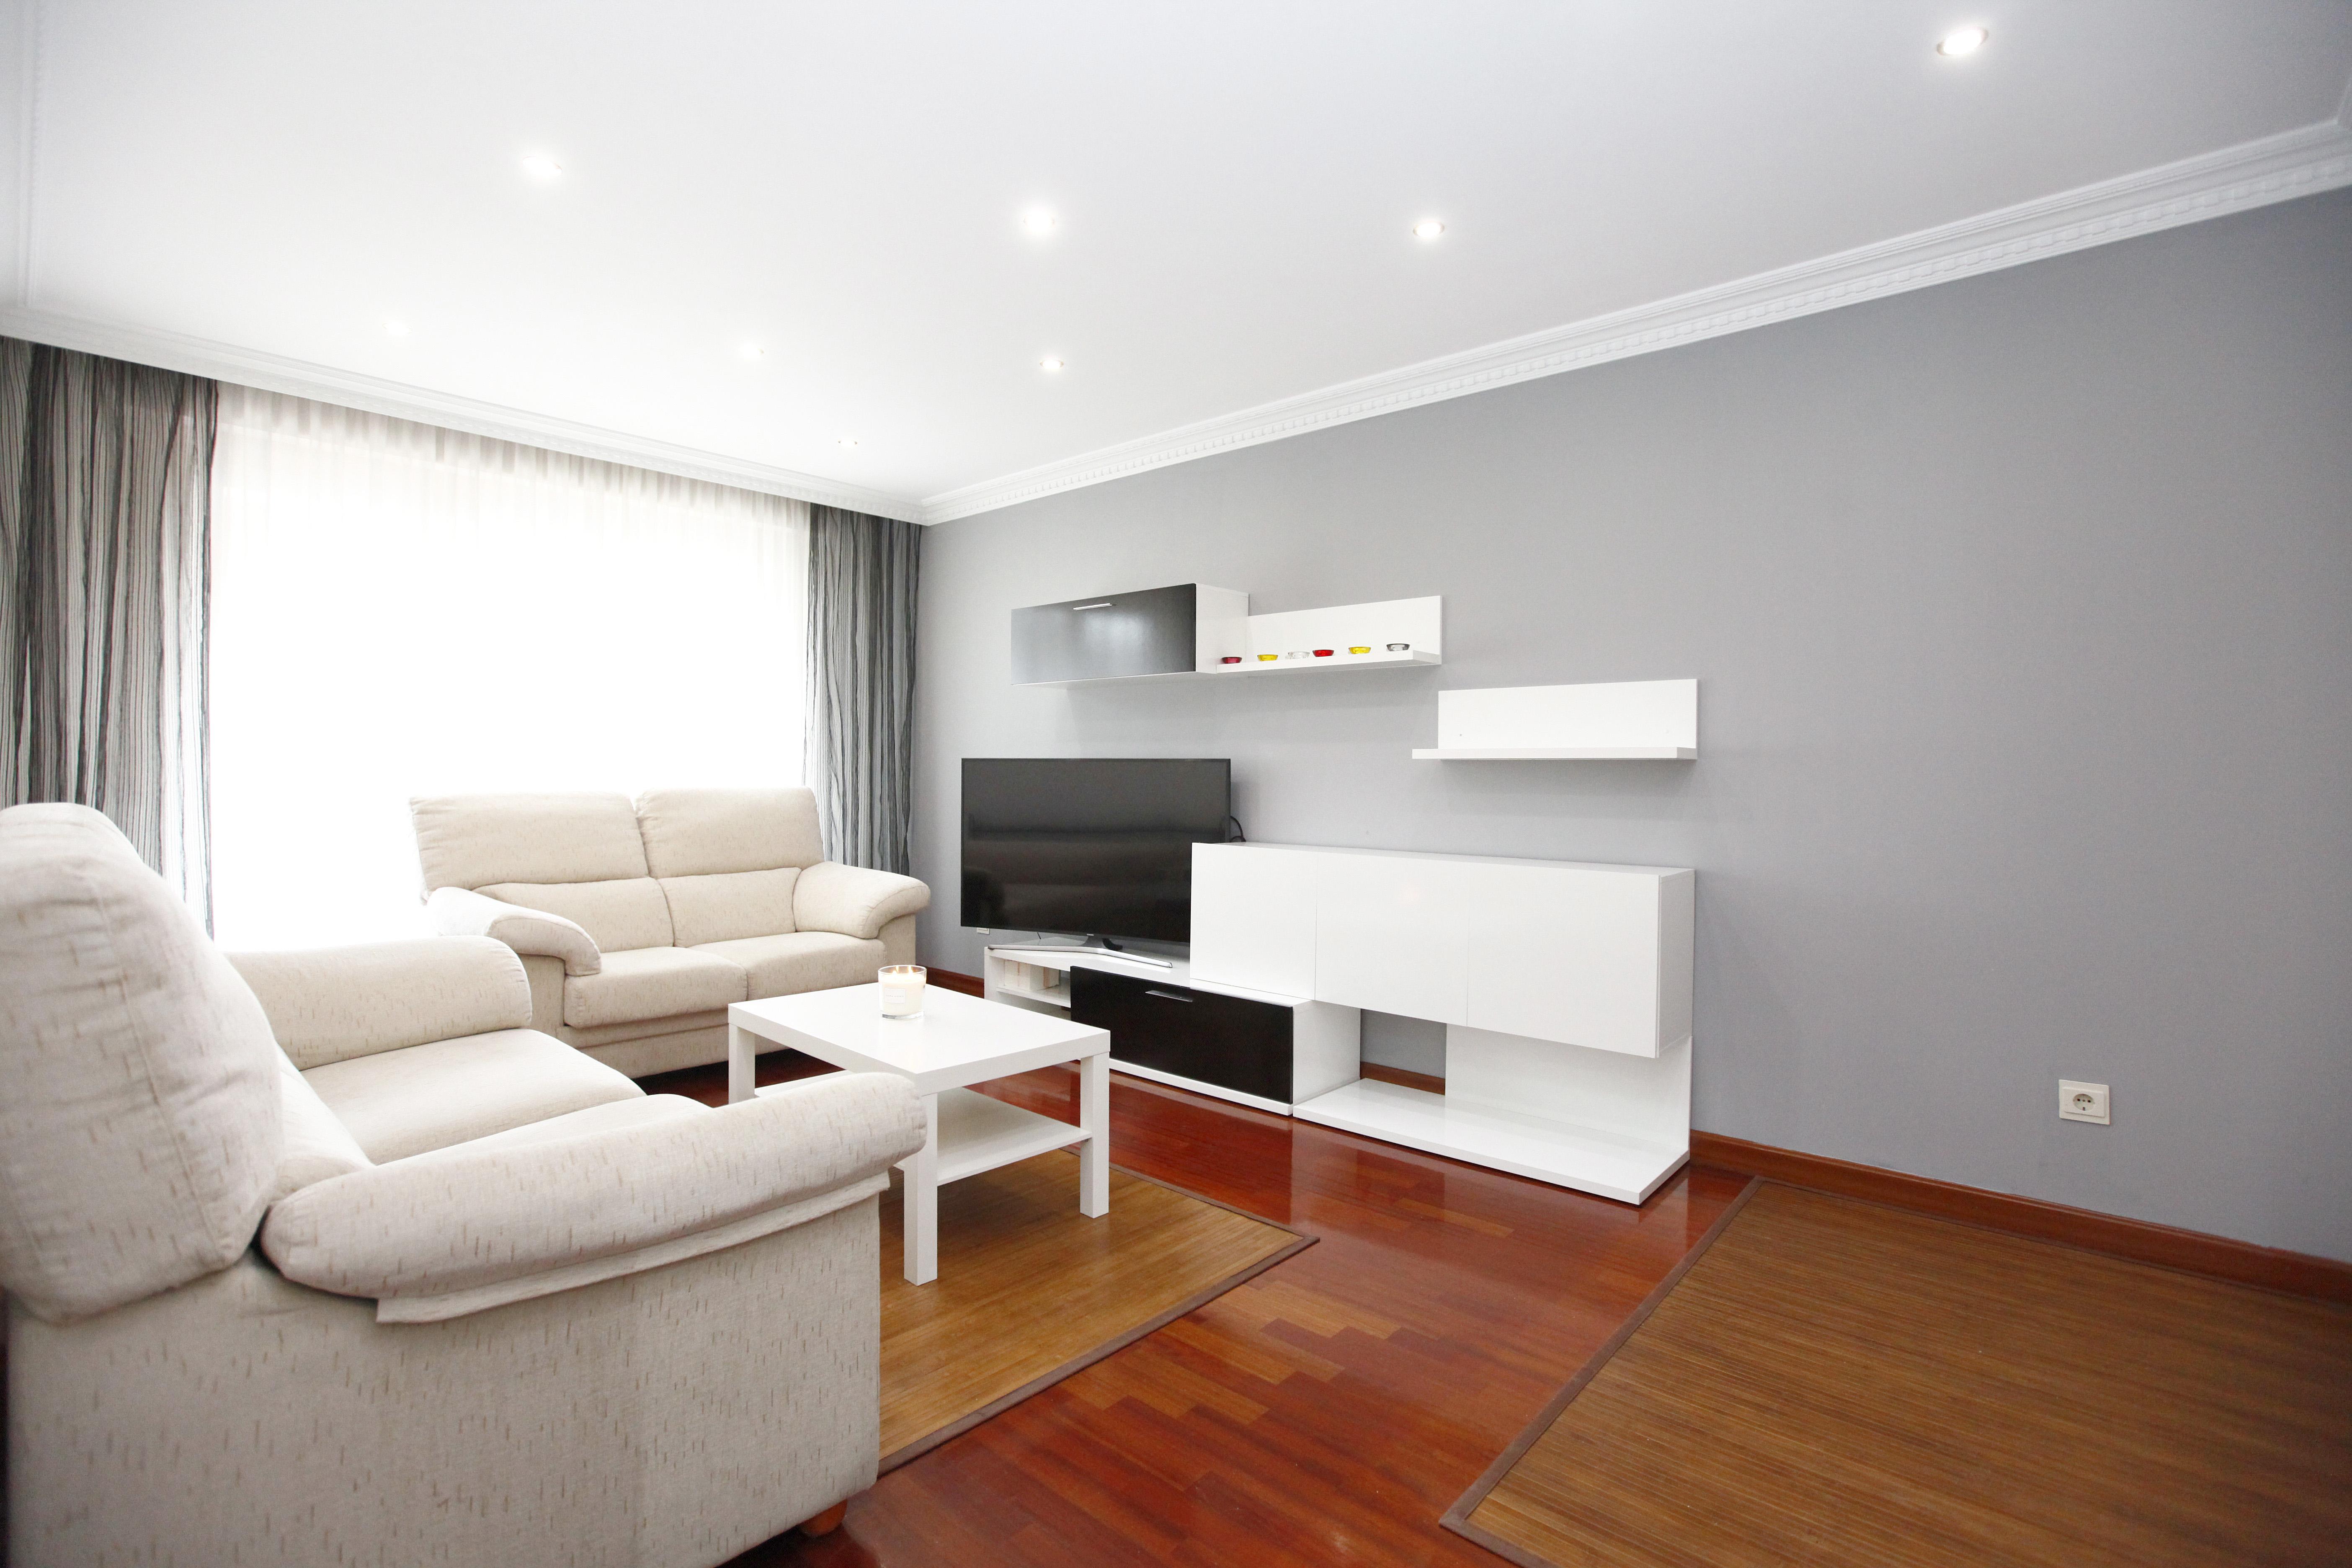 Piso de 80 m2, compuesto de cocina equipada e independiente, salón comedor, 3 habitaciones y 2 baños. Garaje cerrado  y trastero.